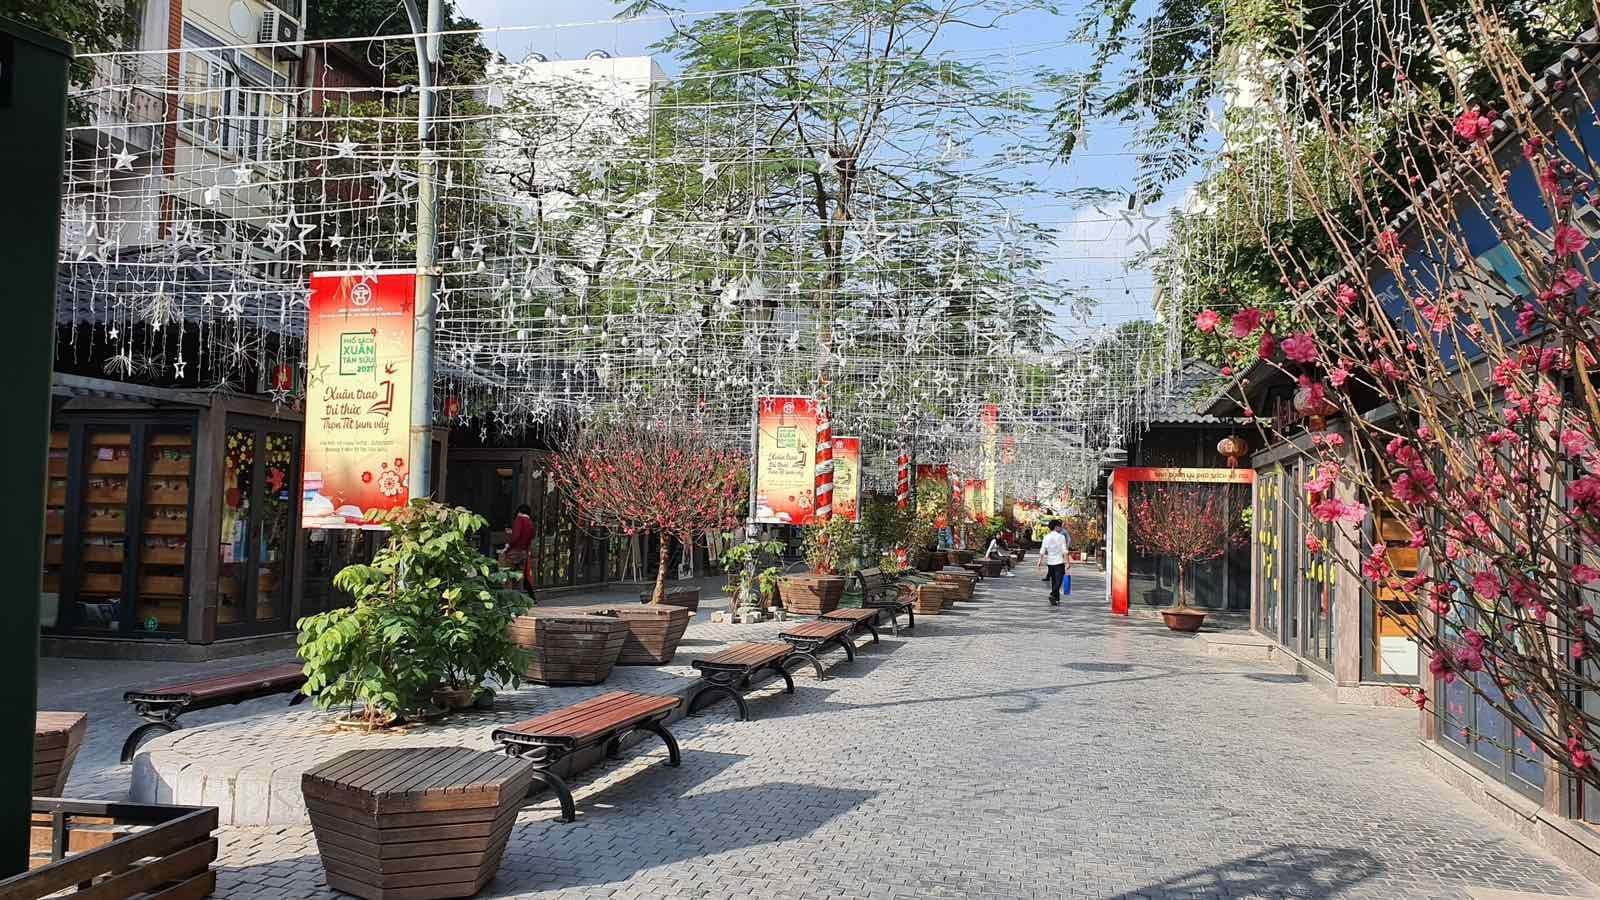 Phố Sách Xuân Tân Sửu 2021 mở cửa từ sáng ngày mùng 3 Tết